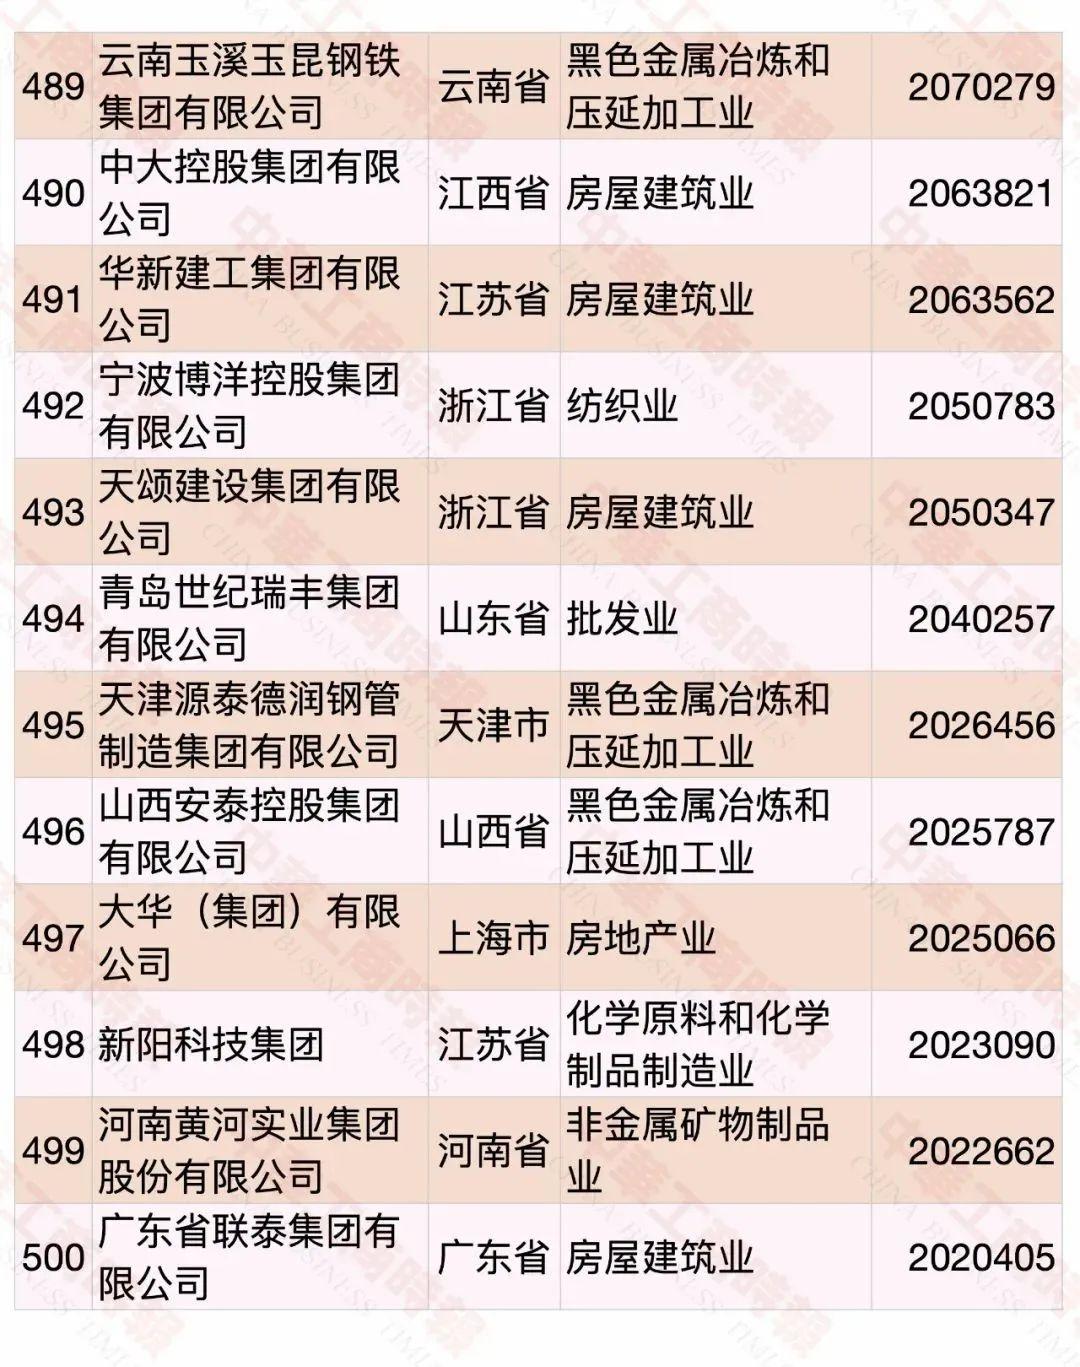 2020中国民营企业500强榜单出炉 东明石化较去年上升11名